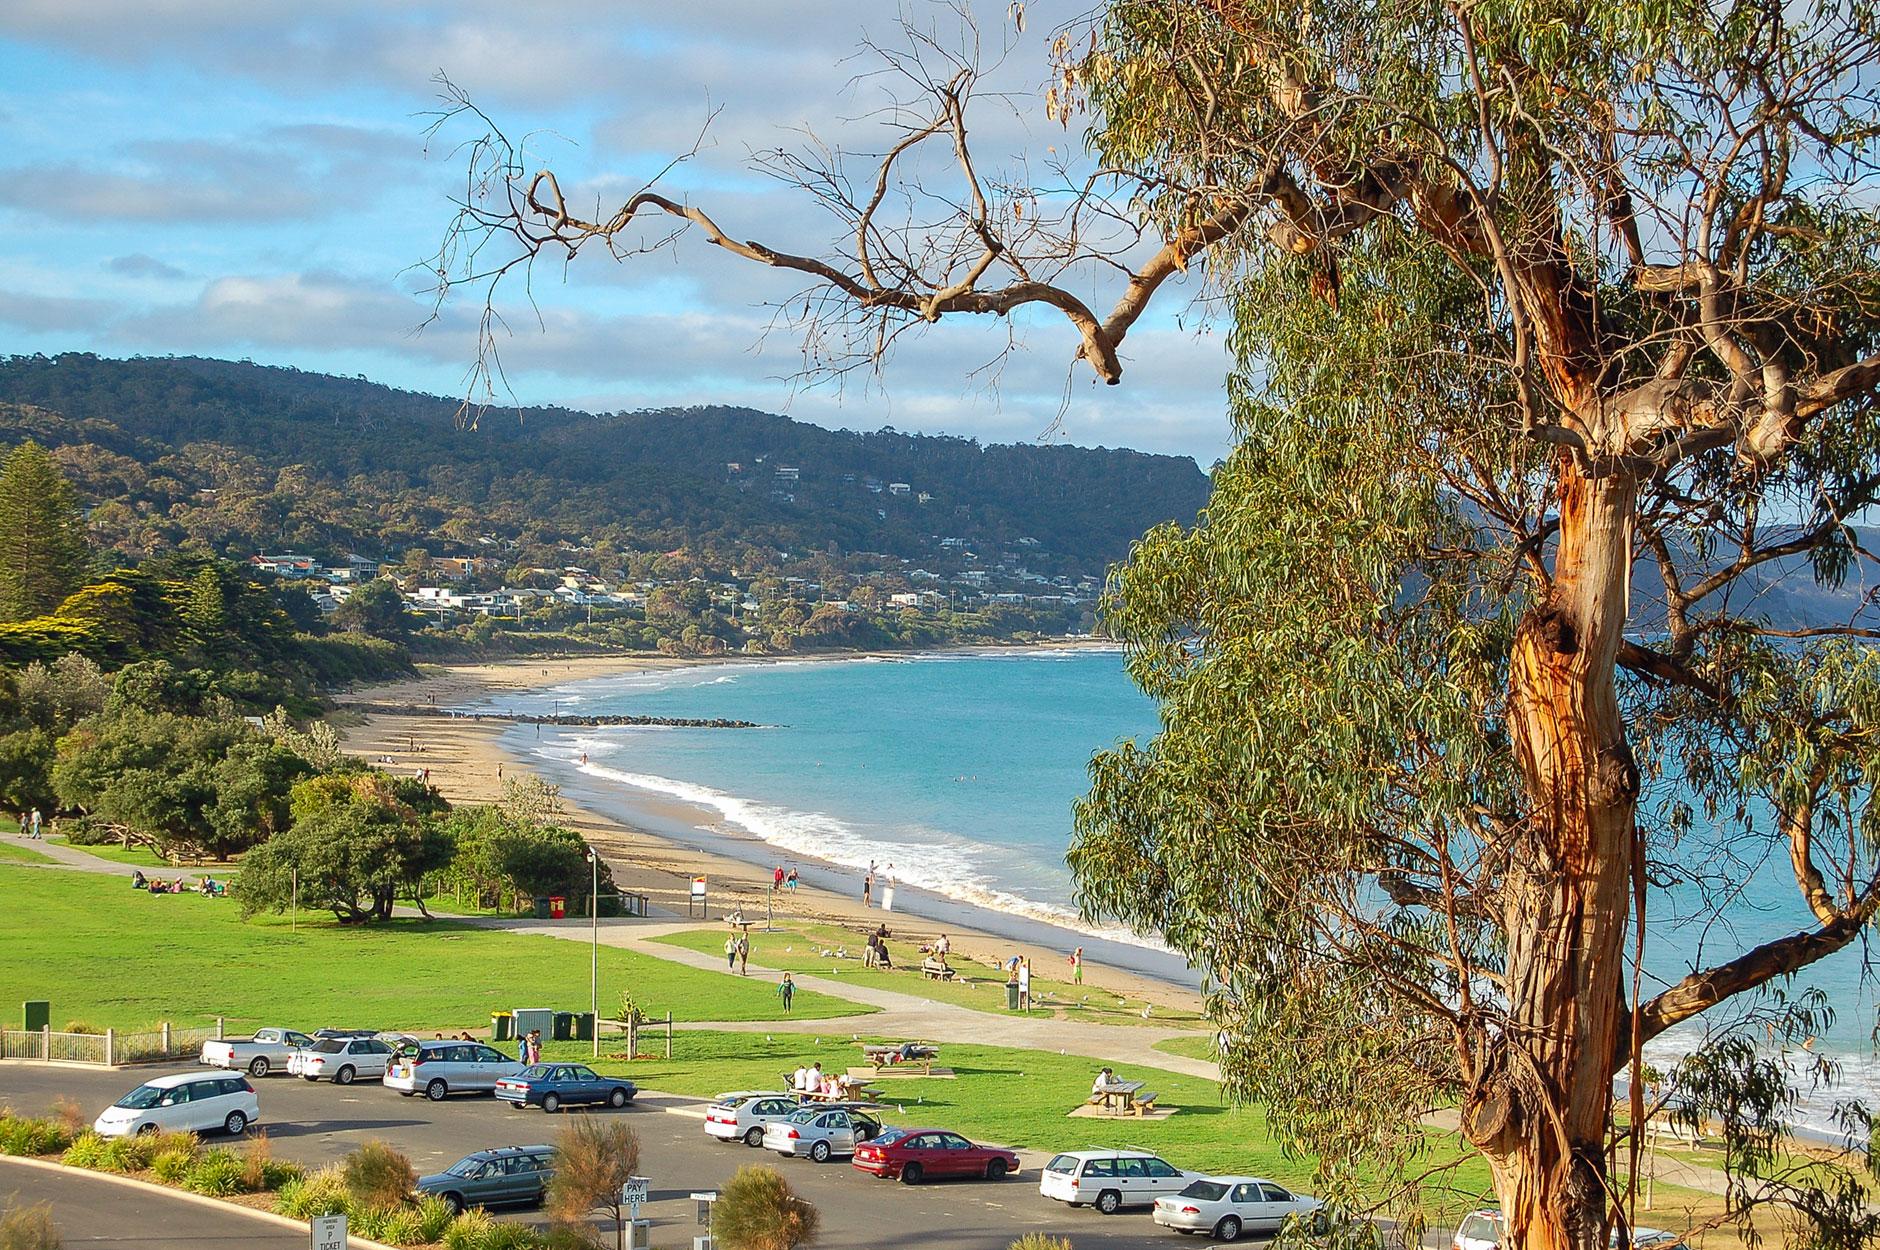 Lorne front beach